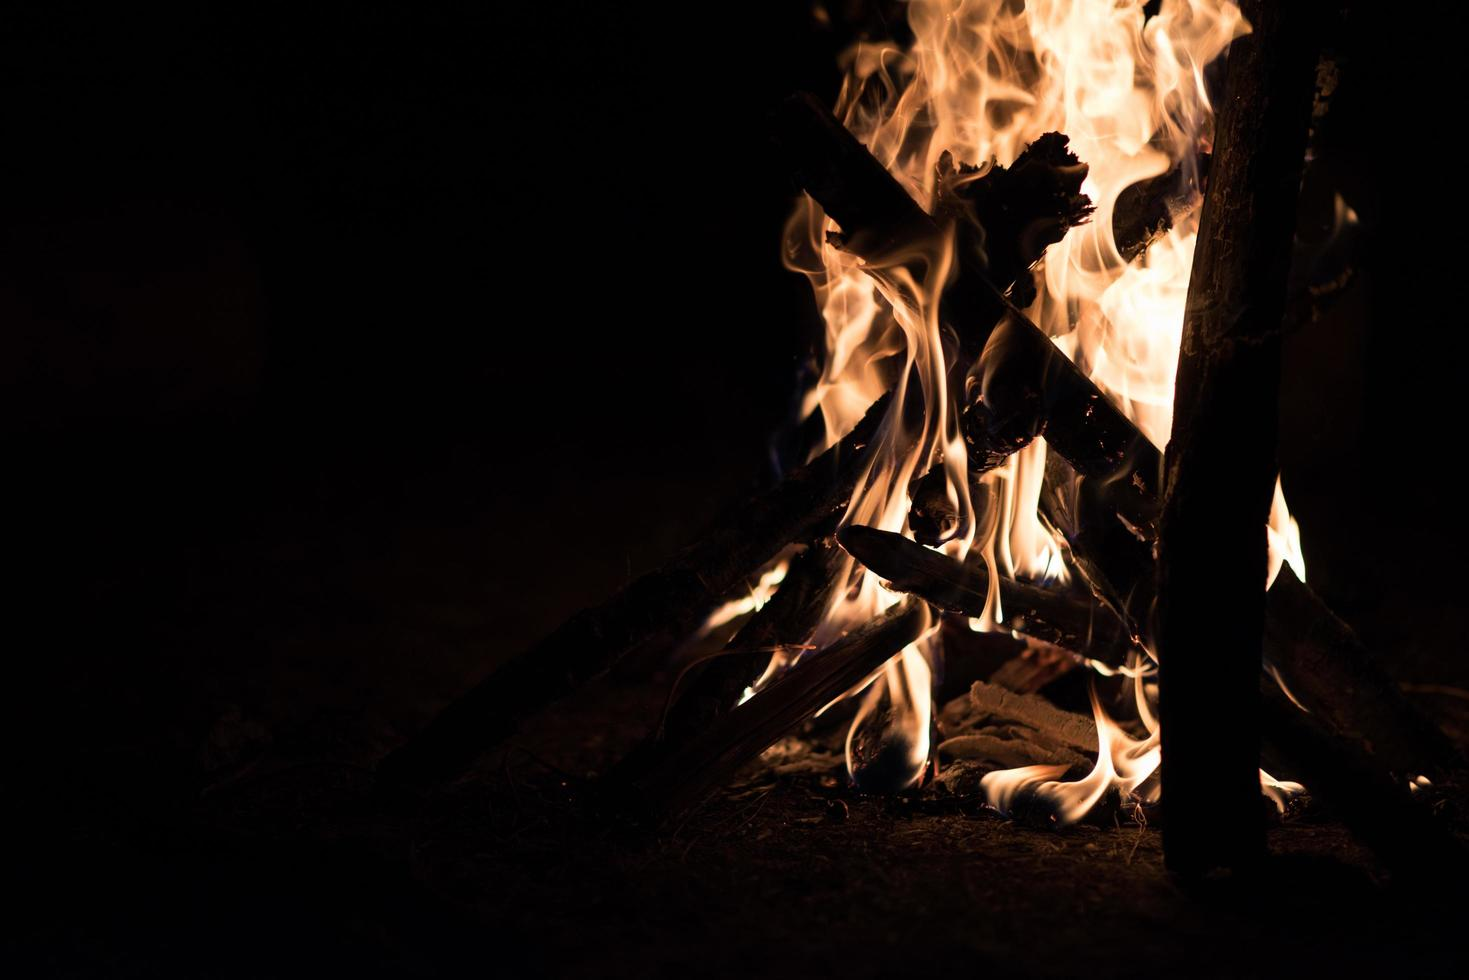 kampvuur in de donkere nacht foto